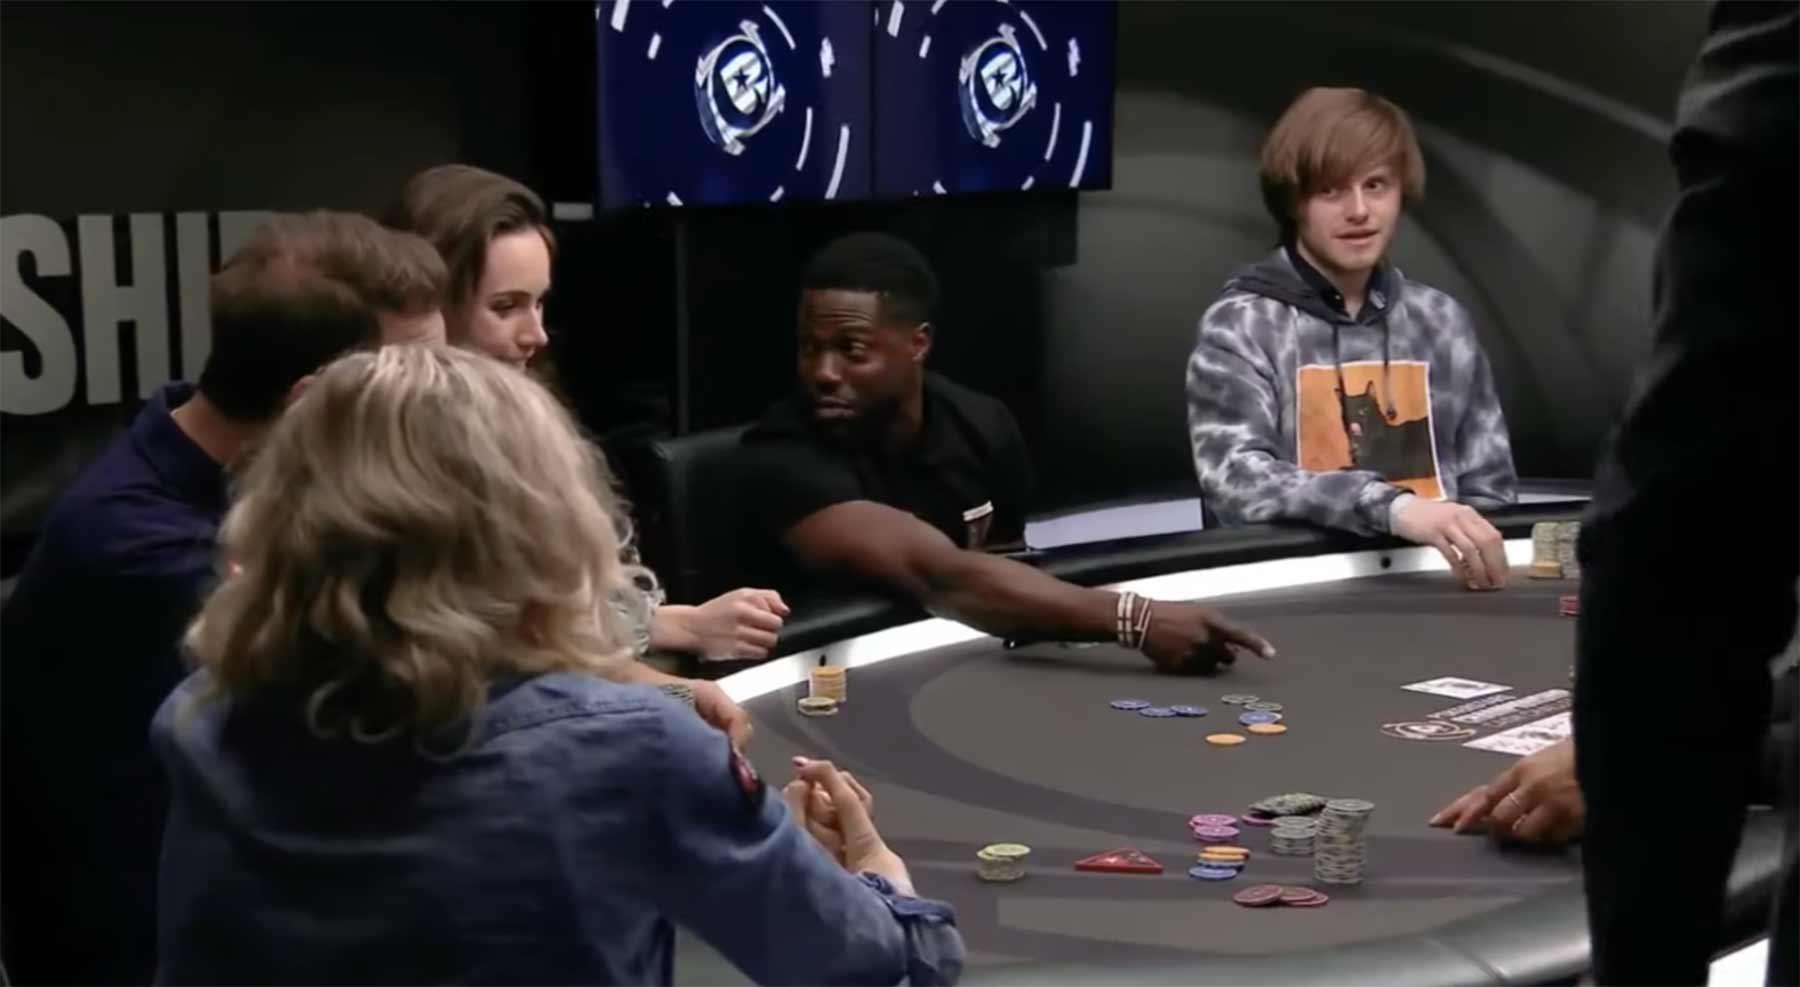 Kevin Hart erkennt seine Pokerhand falsch und gewinnt dennoch